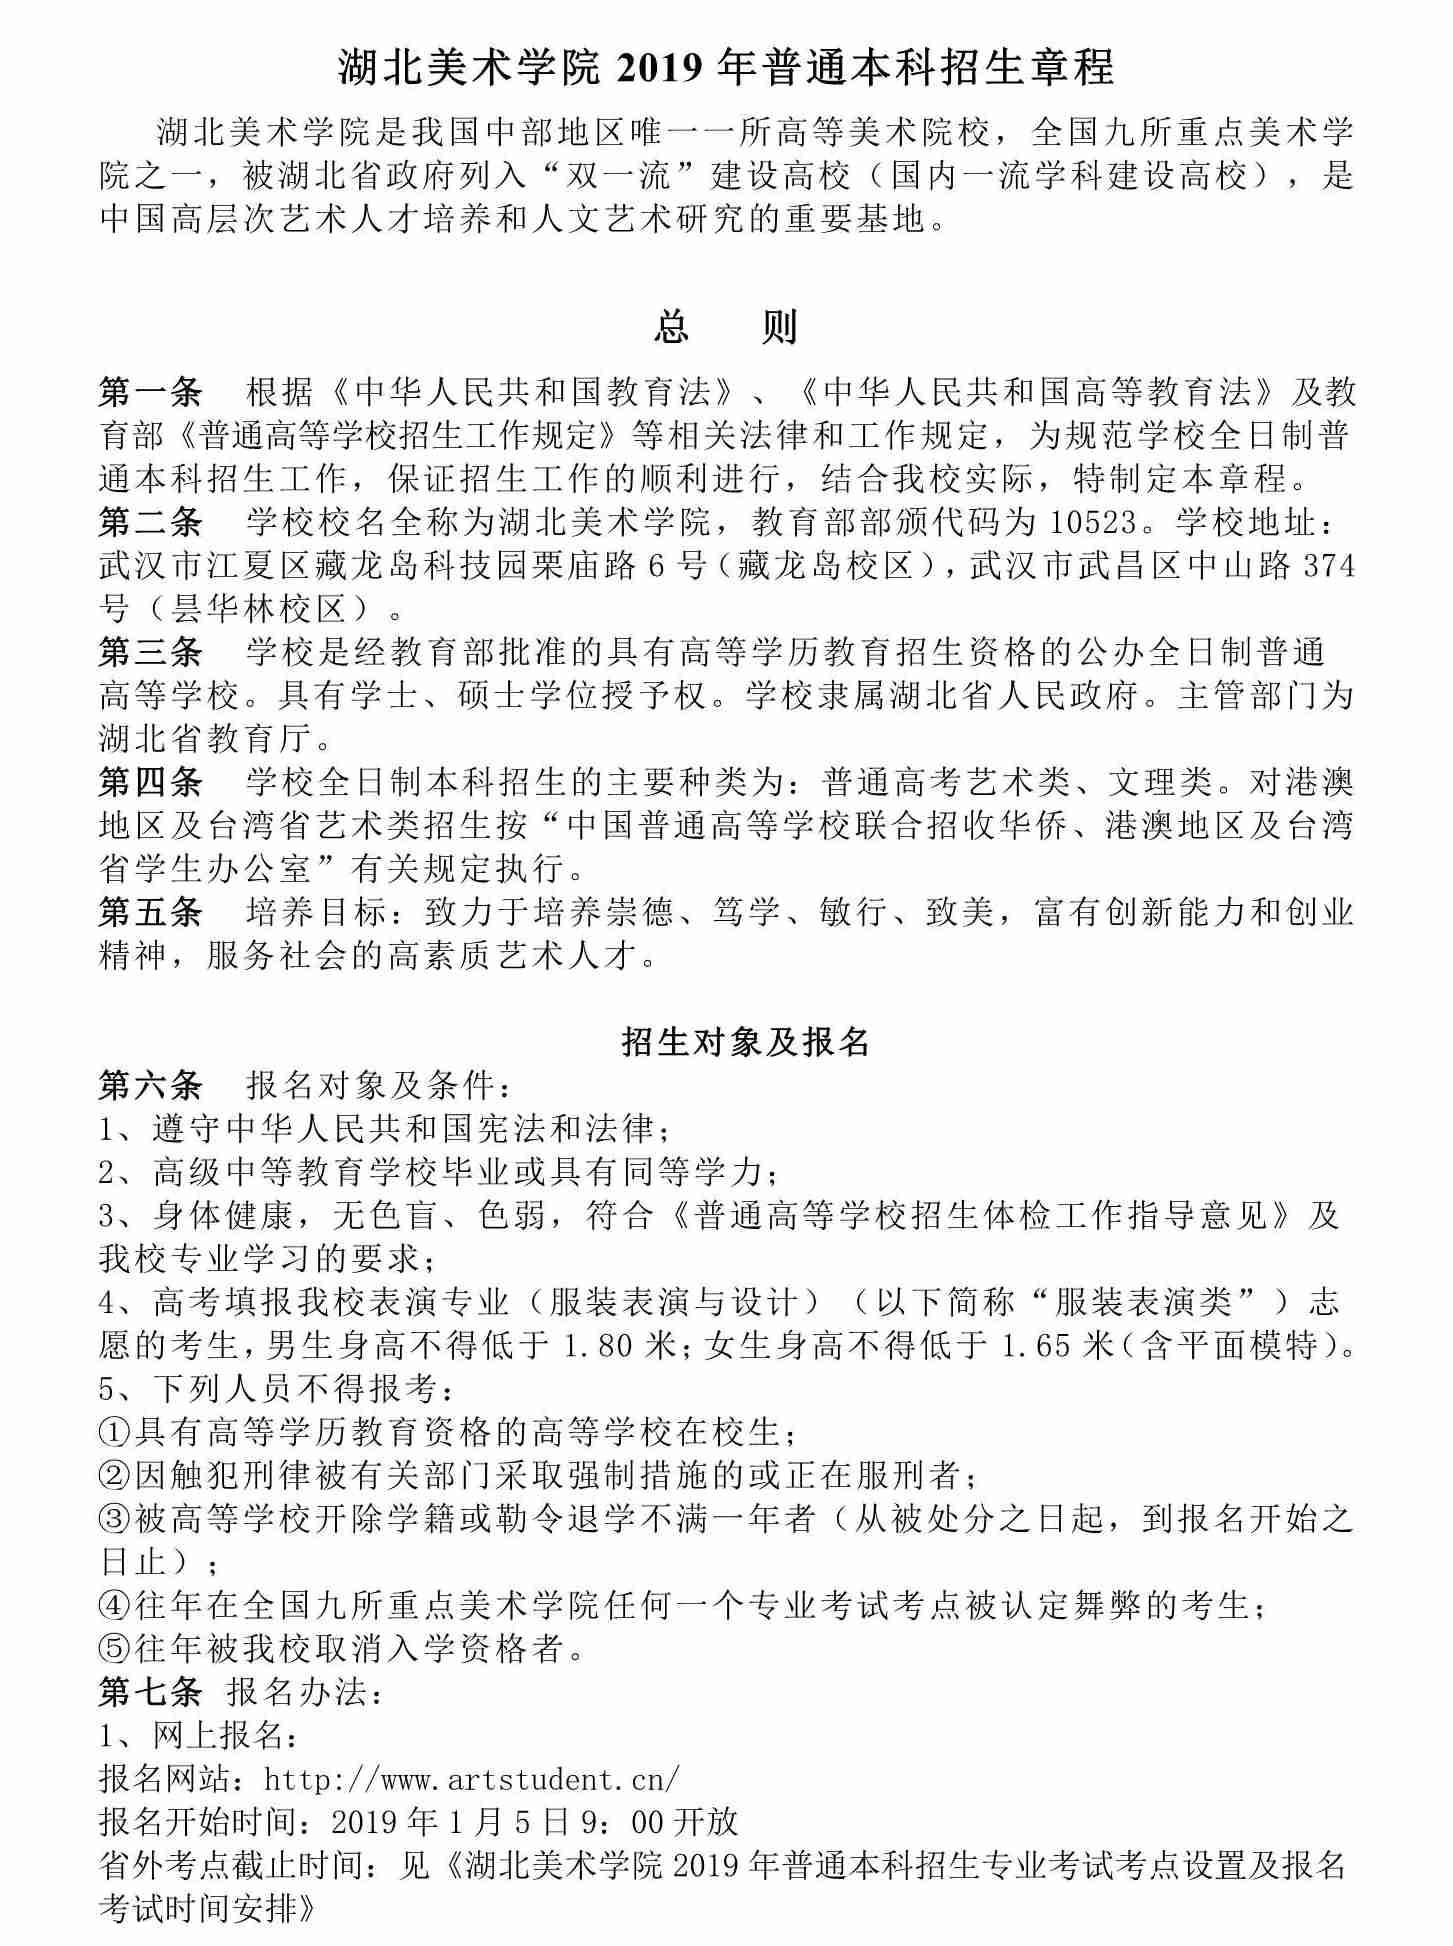 台灣美術學院2019年通俗本科招生簡章圖片01